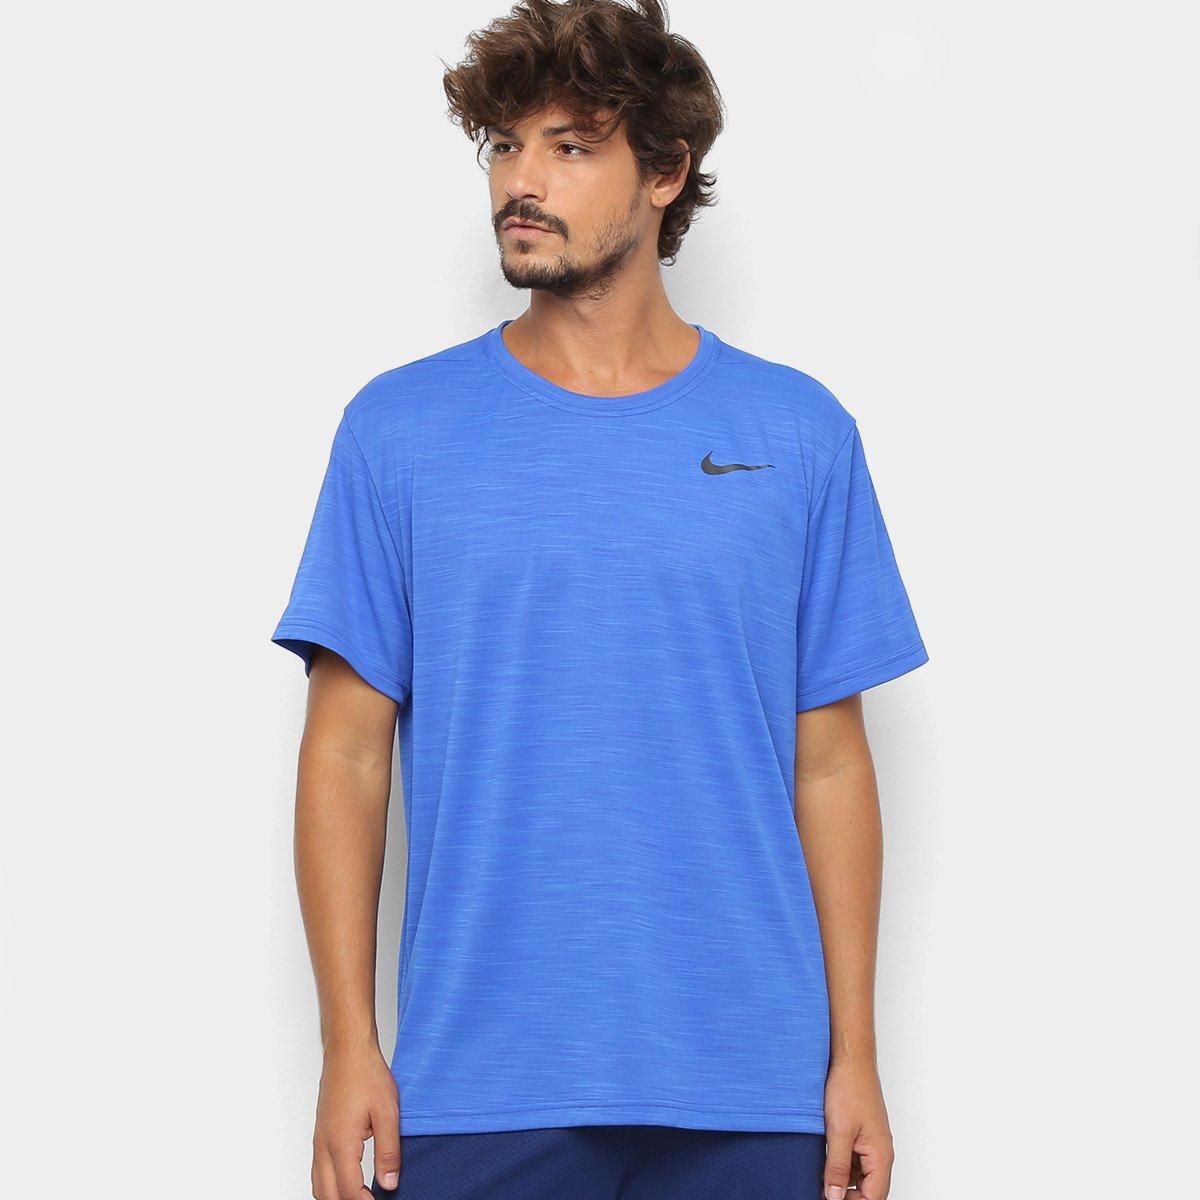 da6a06e27cda5 Camiseta Nike Superset Masculina - Azul Royal - Compre Agora